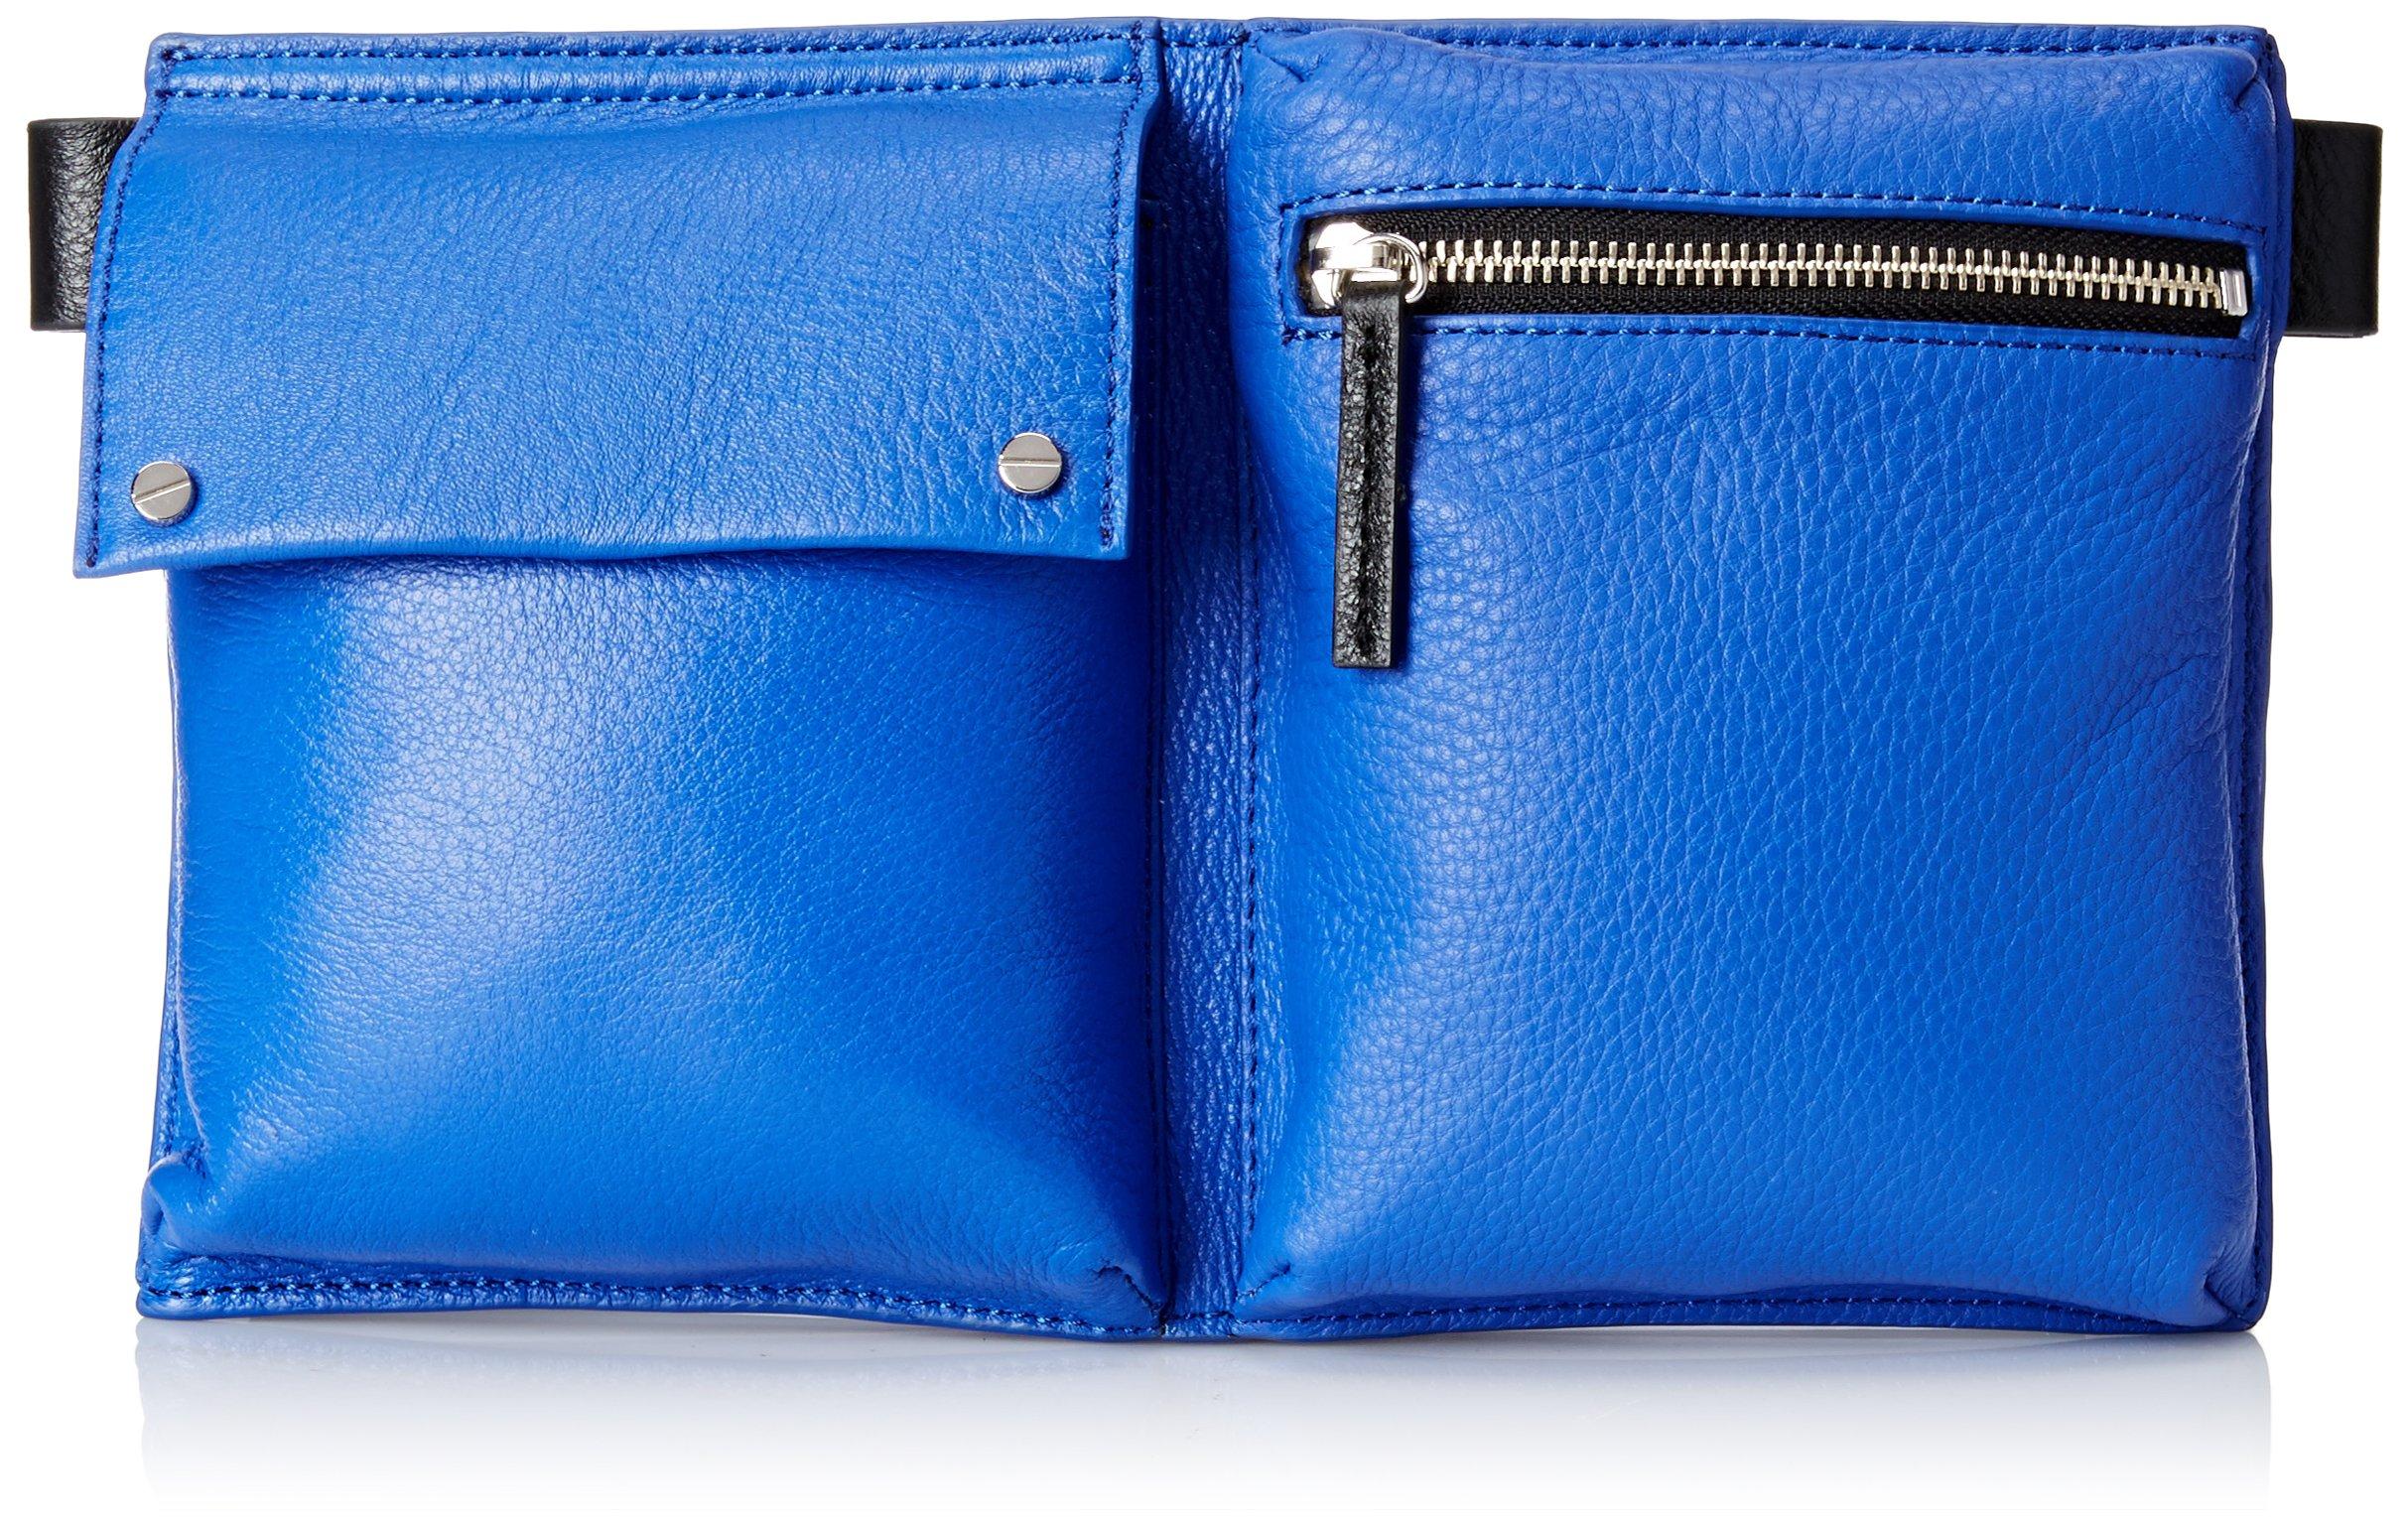 Kenneth Cole New York Jane Street Belt Bag Designer Fanny Pack